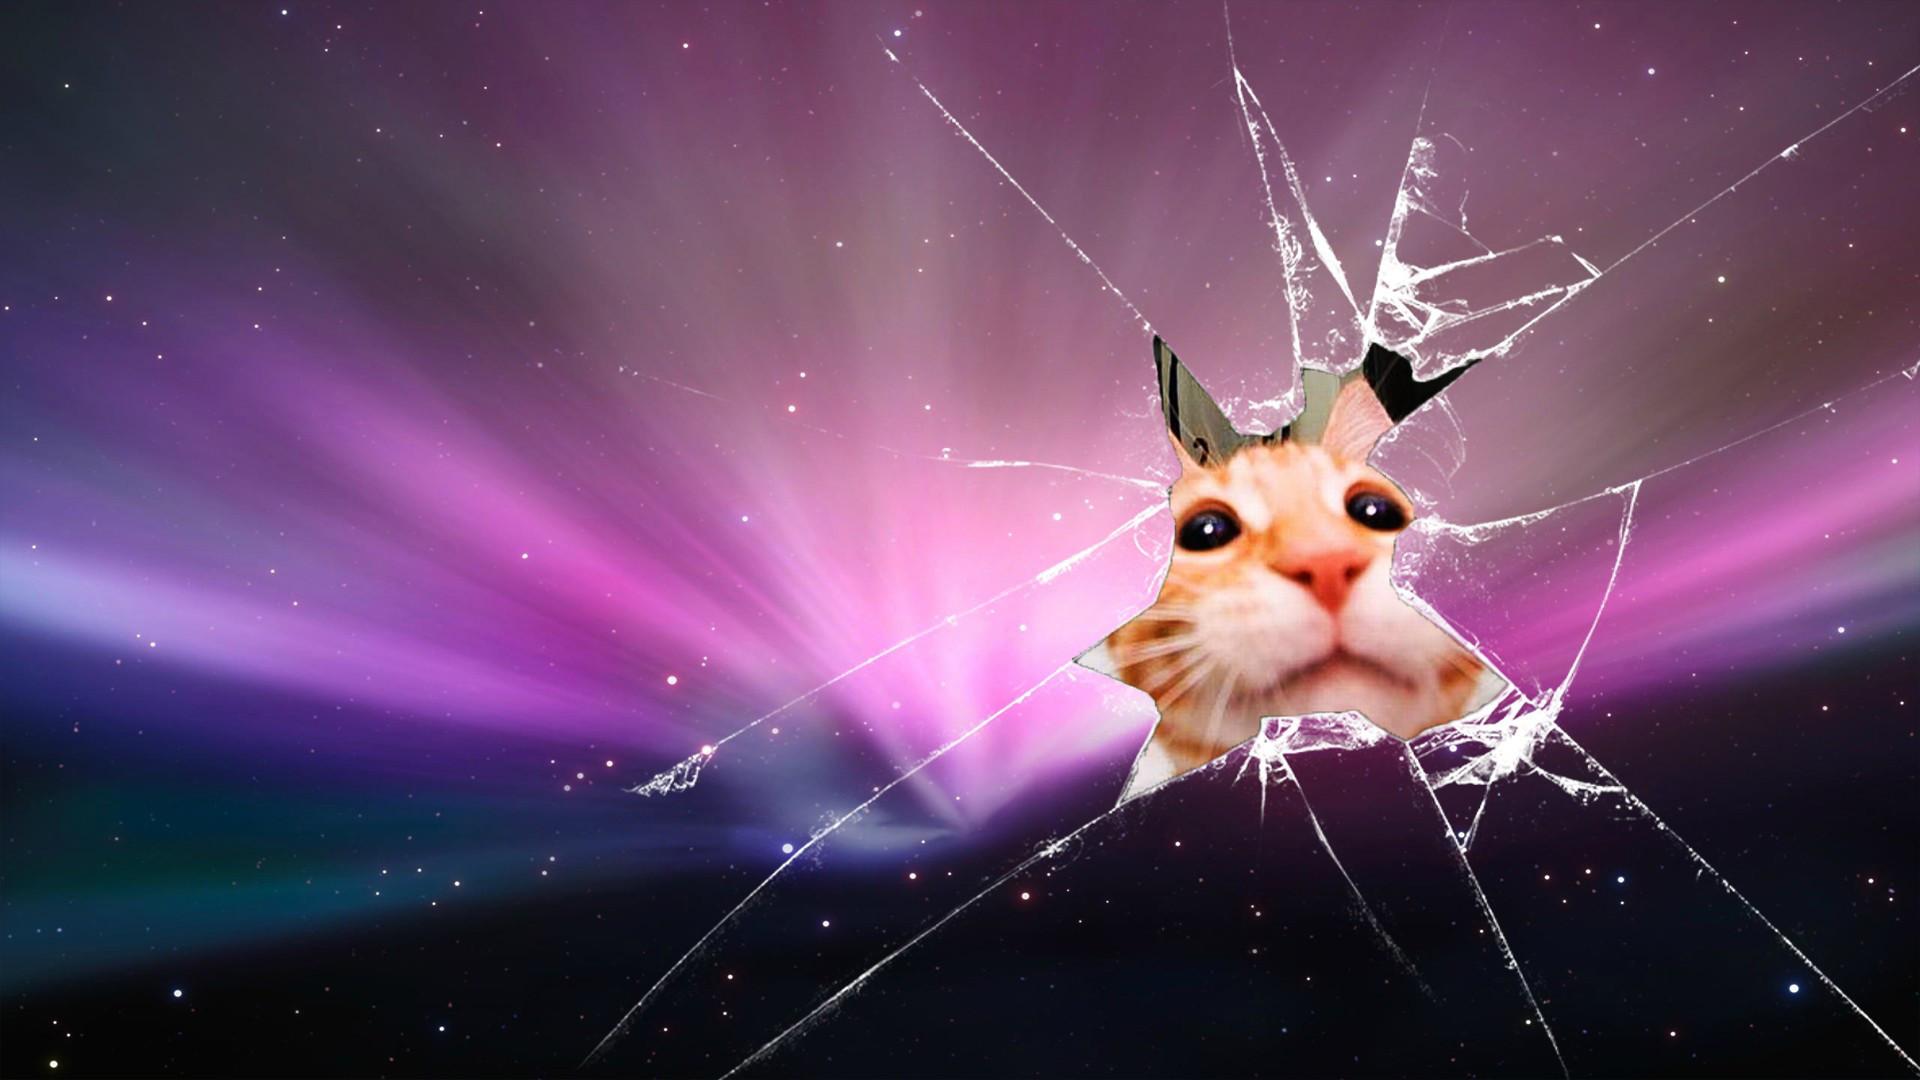 Res: 1920x1080,  #Cats #wallpaper : Broken Glass Hd